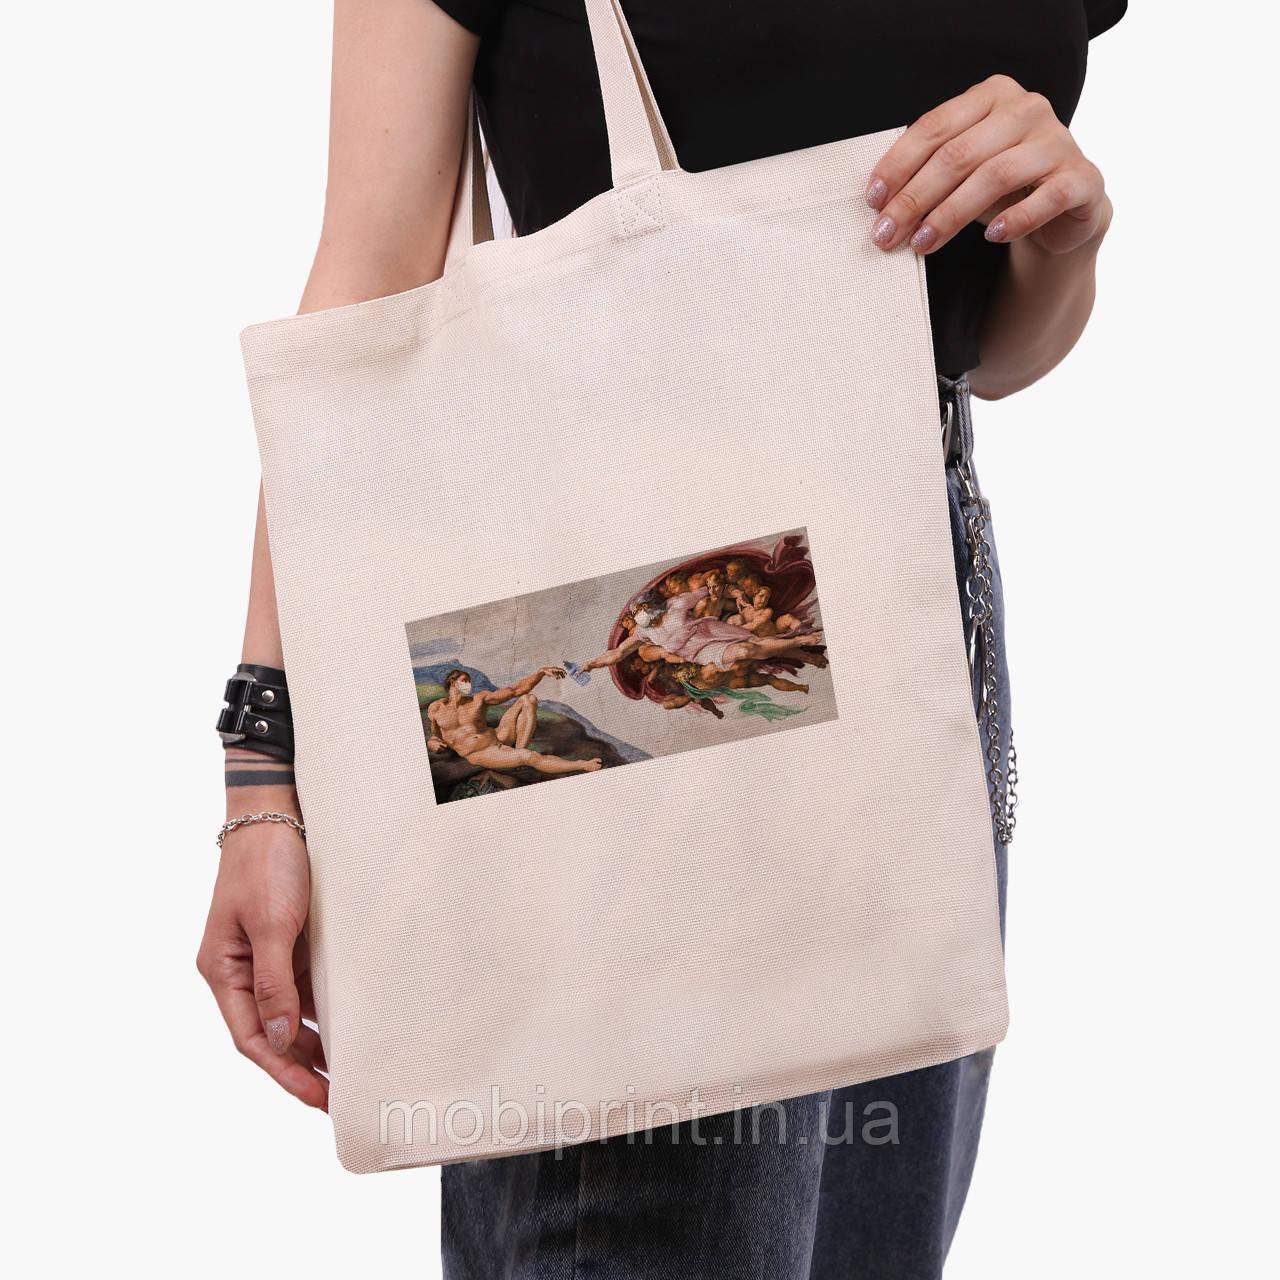 Эко сумка шоппер Божественное Прикосновение (Divine Touch) (9227-1414)  экосумка шопер 41*35 см